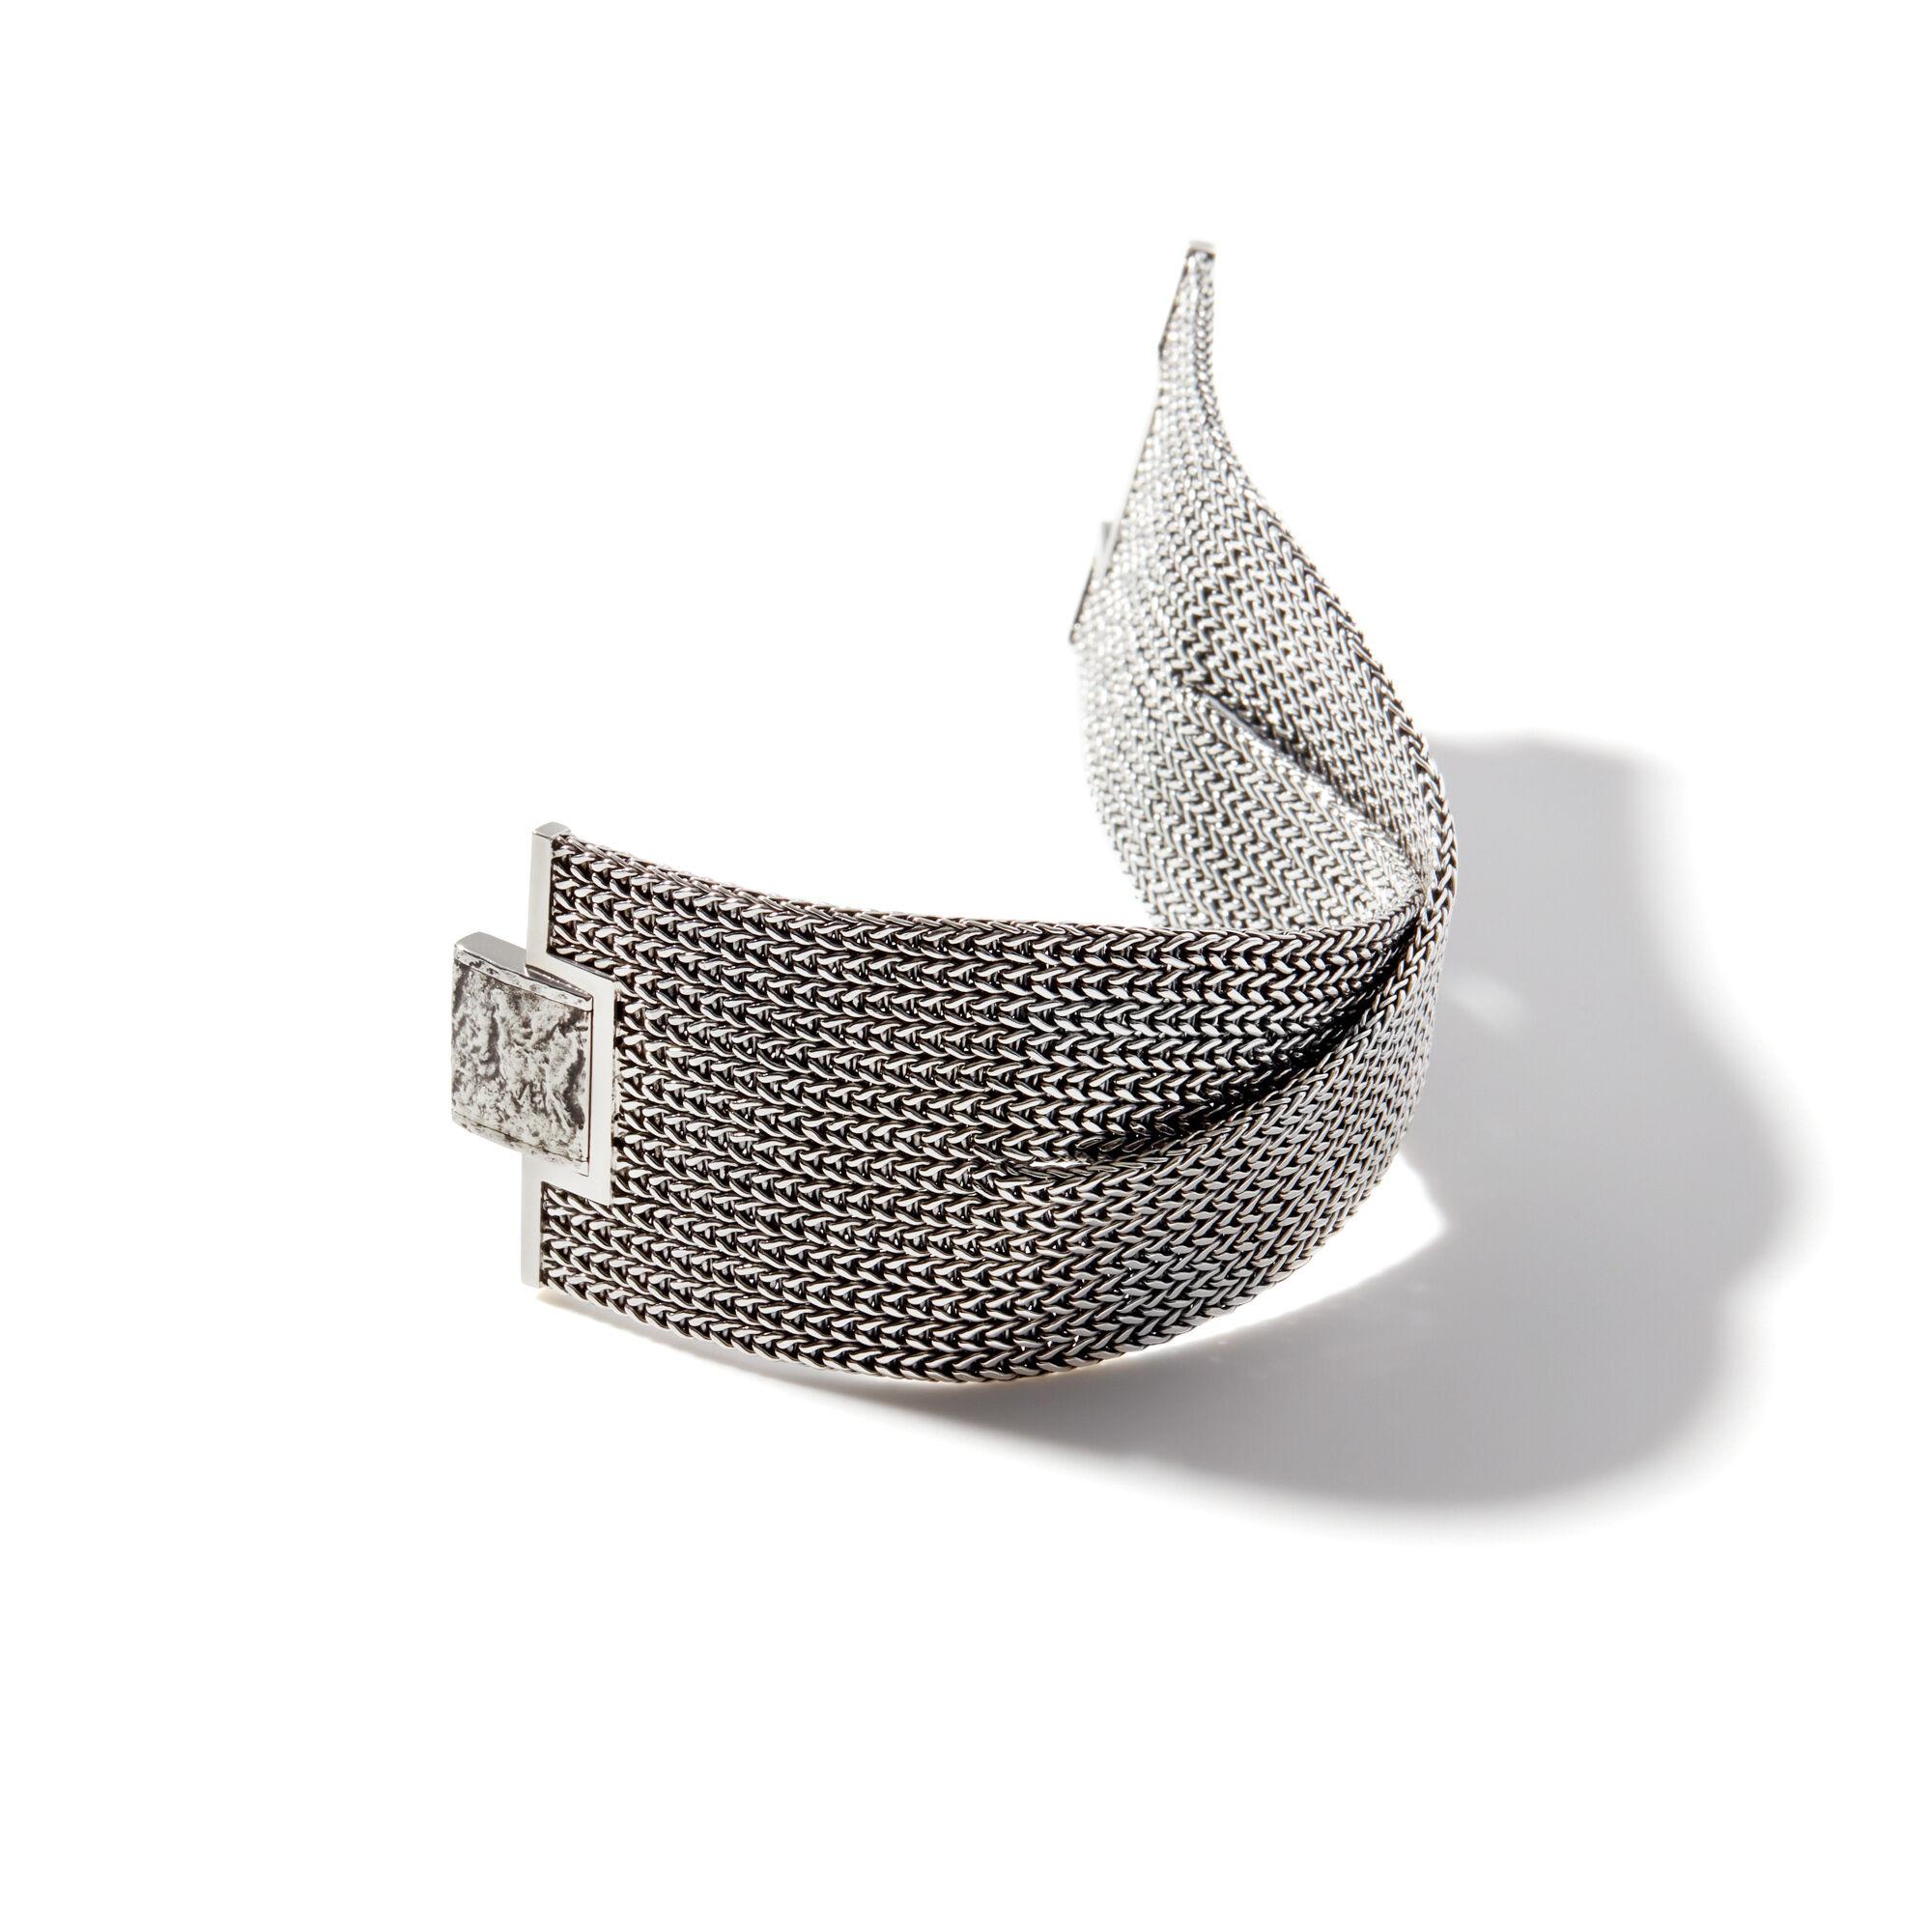 Rata Chain Wrap Bracelet, , large